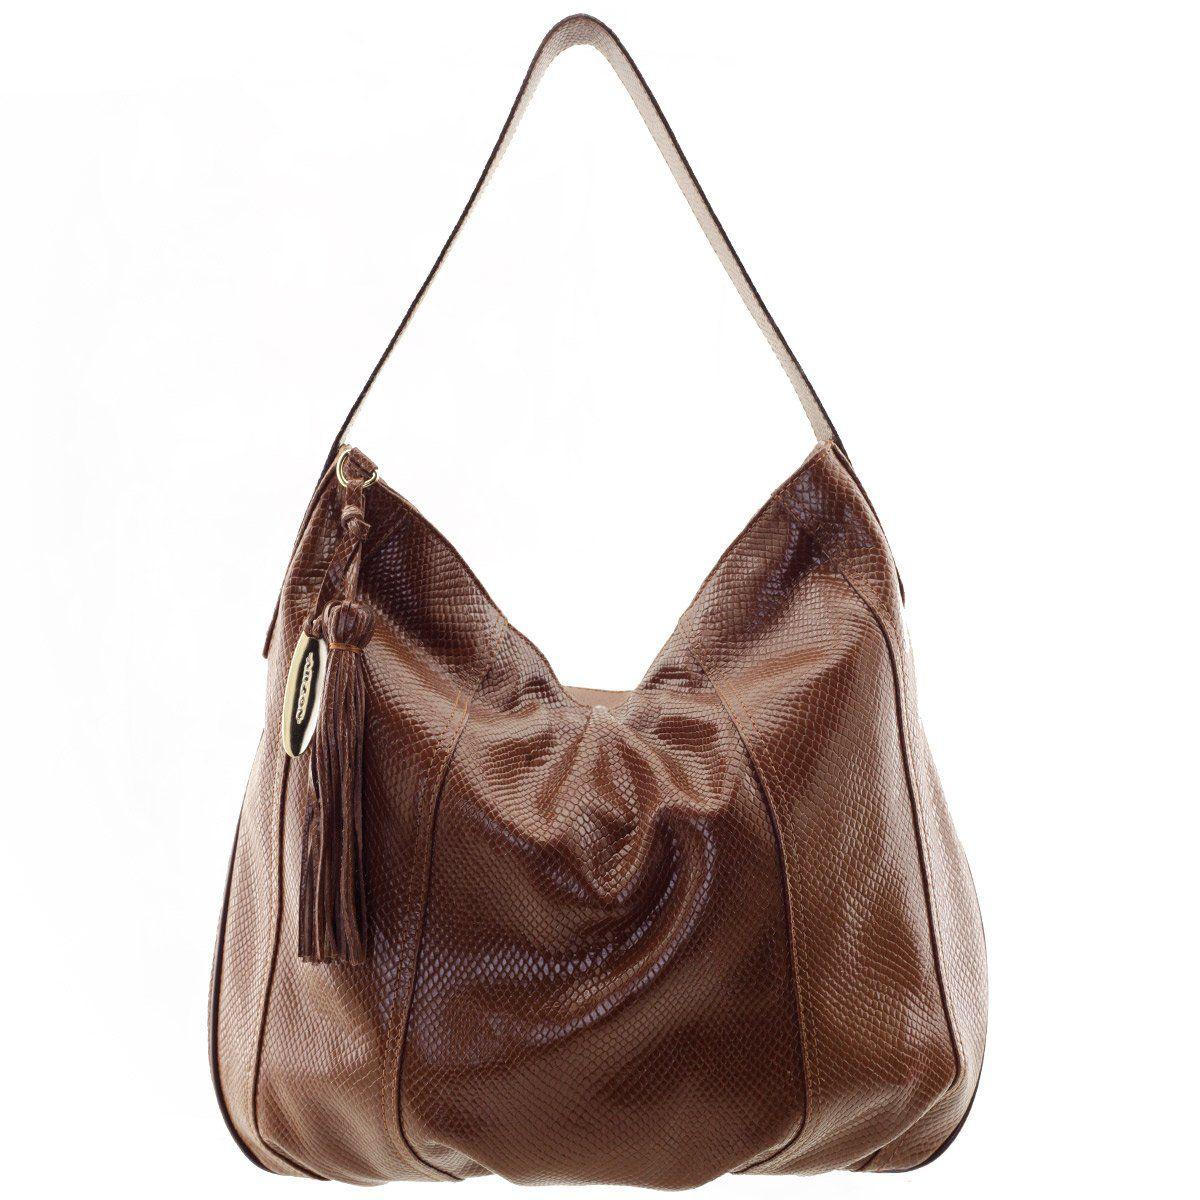 833cc7107 Bolsa Saco de Ombro Verniz Chocolate - ARZON ...